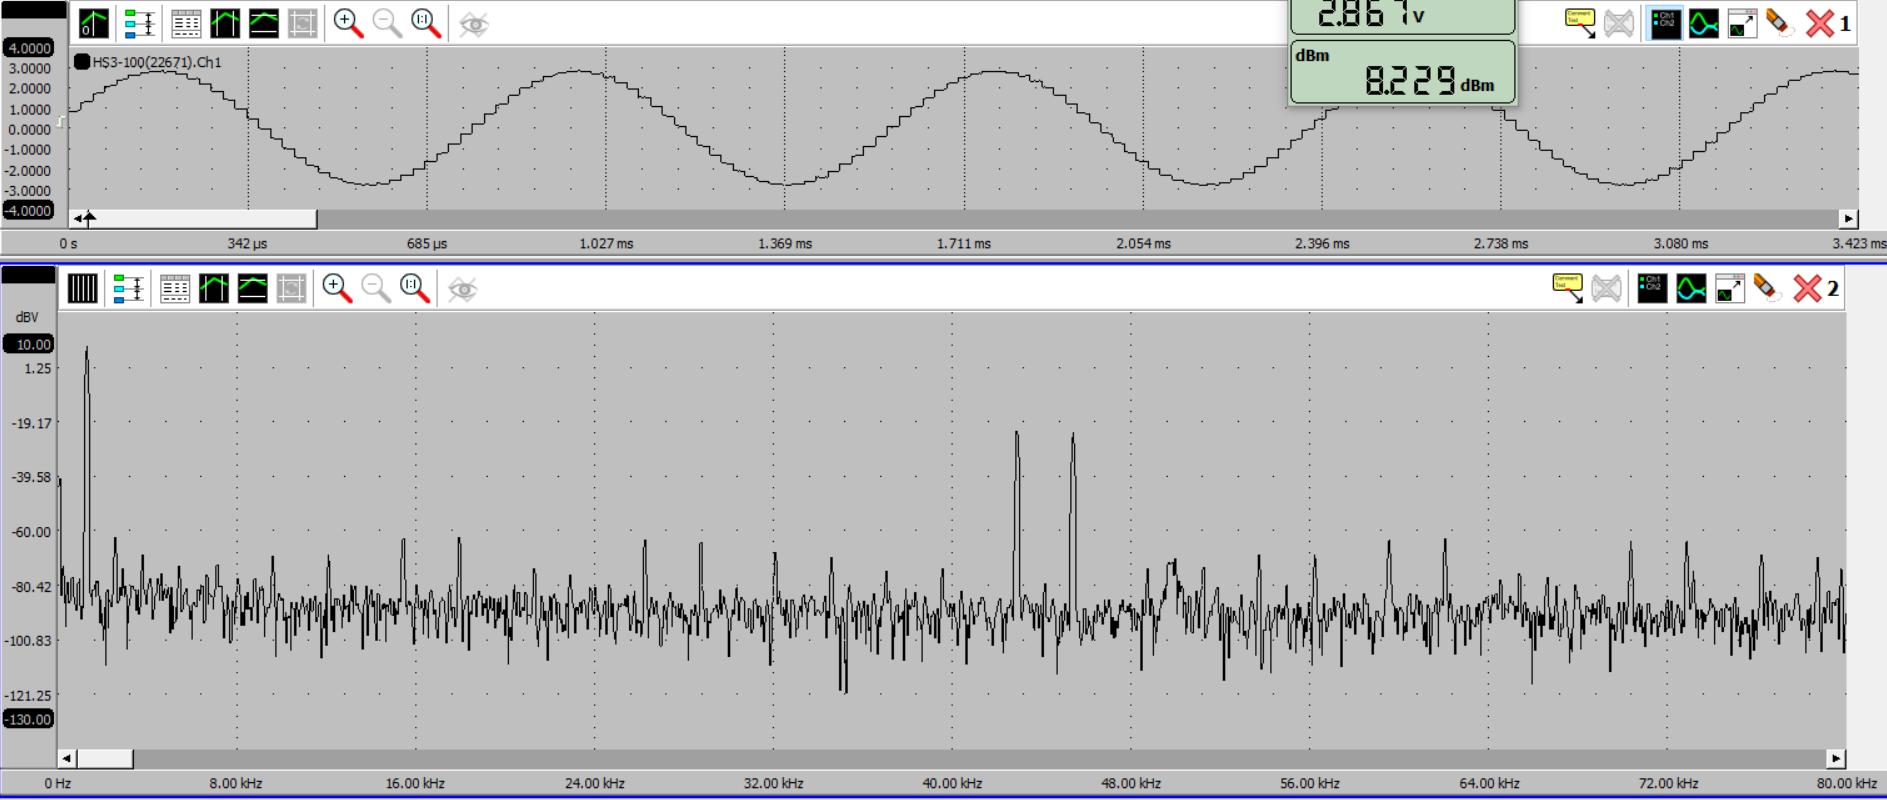 Esperimento sull'interpolazione lineare - Pagina 5 49162742721_ee424921d1_o_d